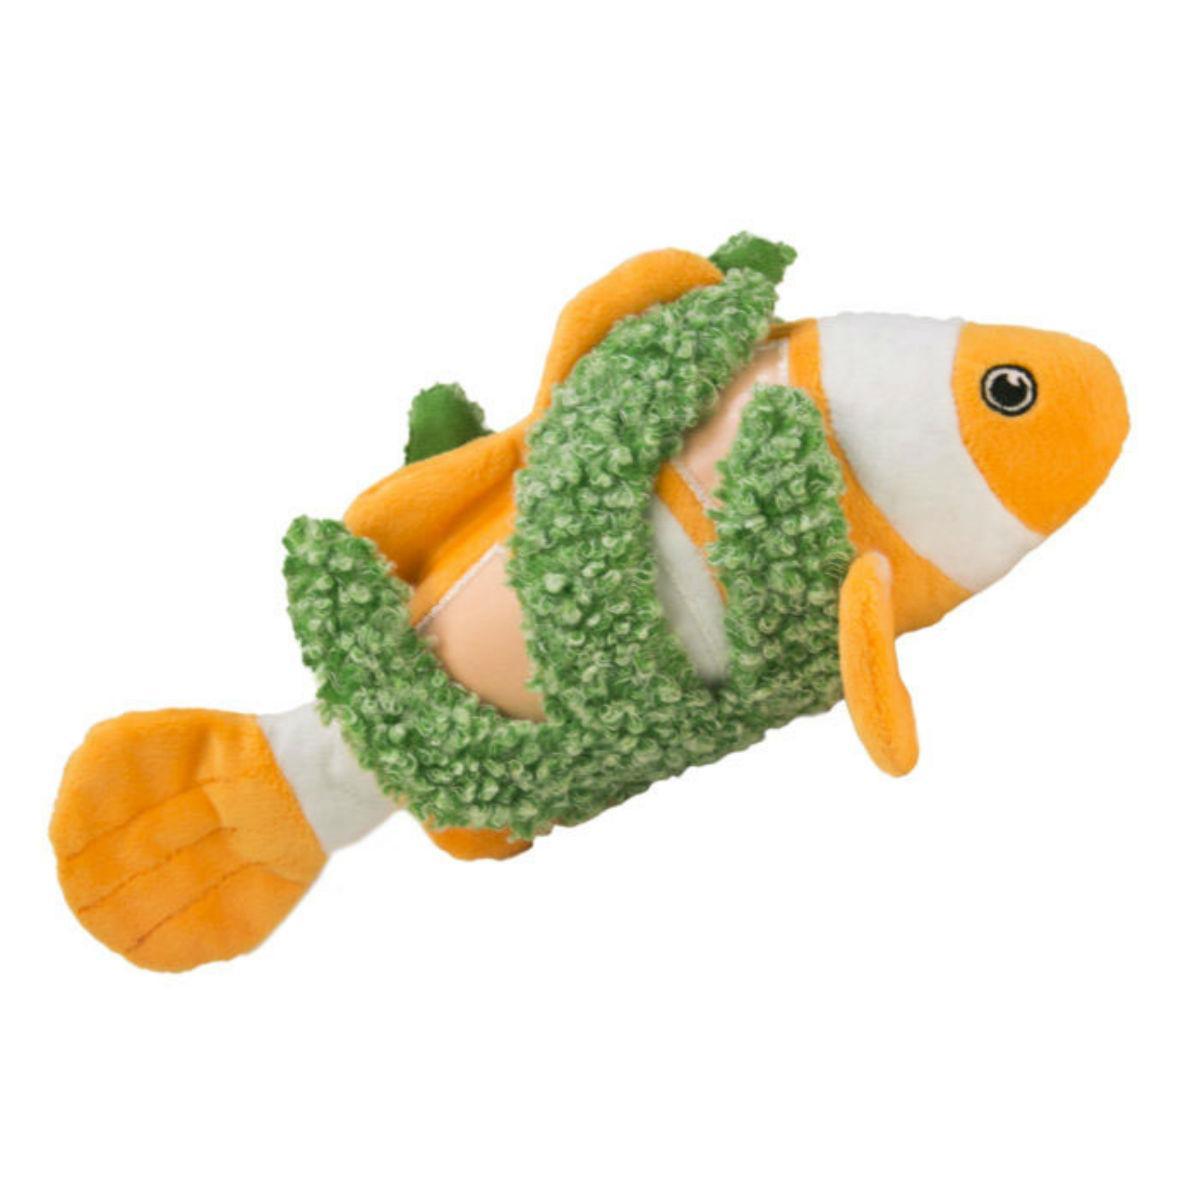 KONG Riptides Dog Toy - Fish